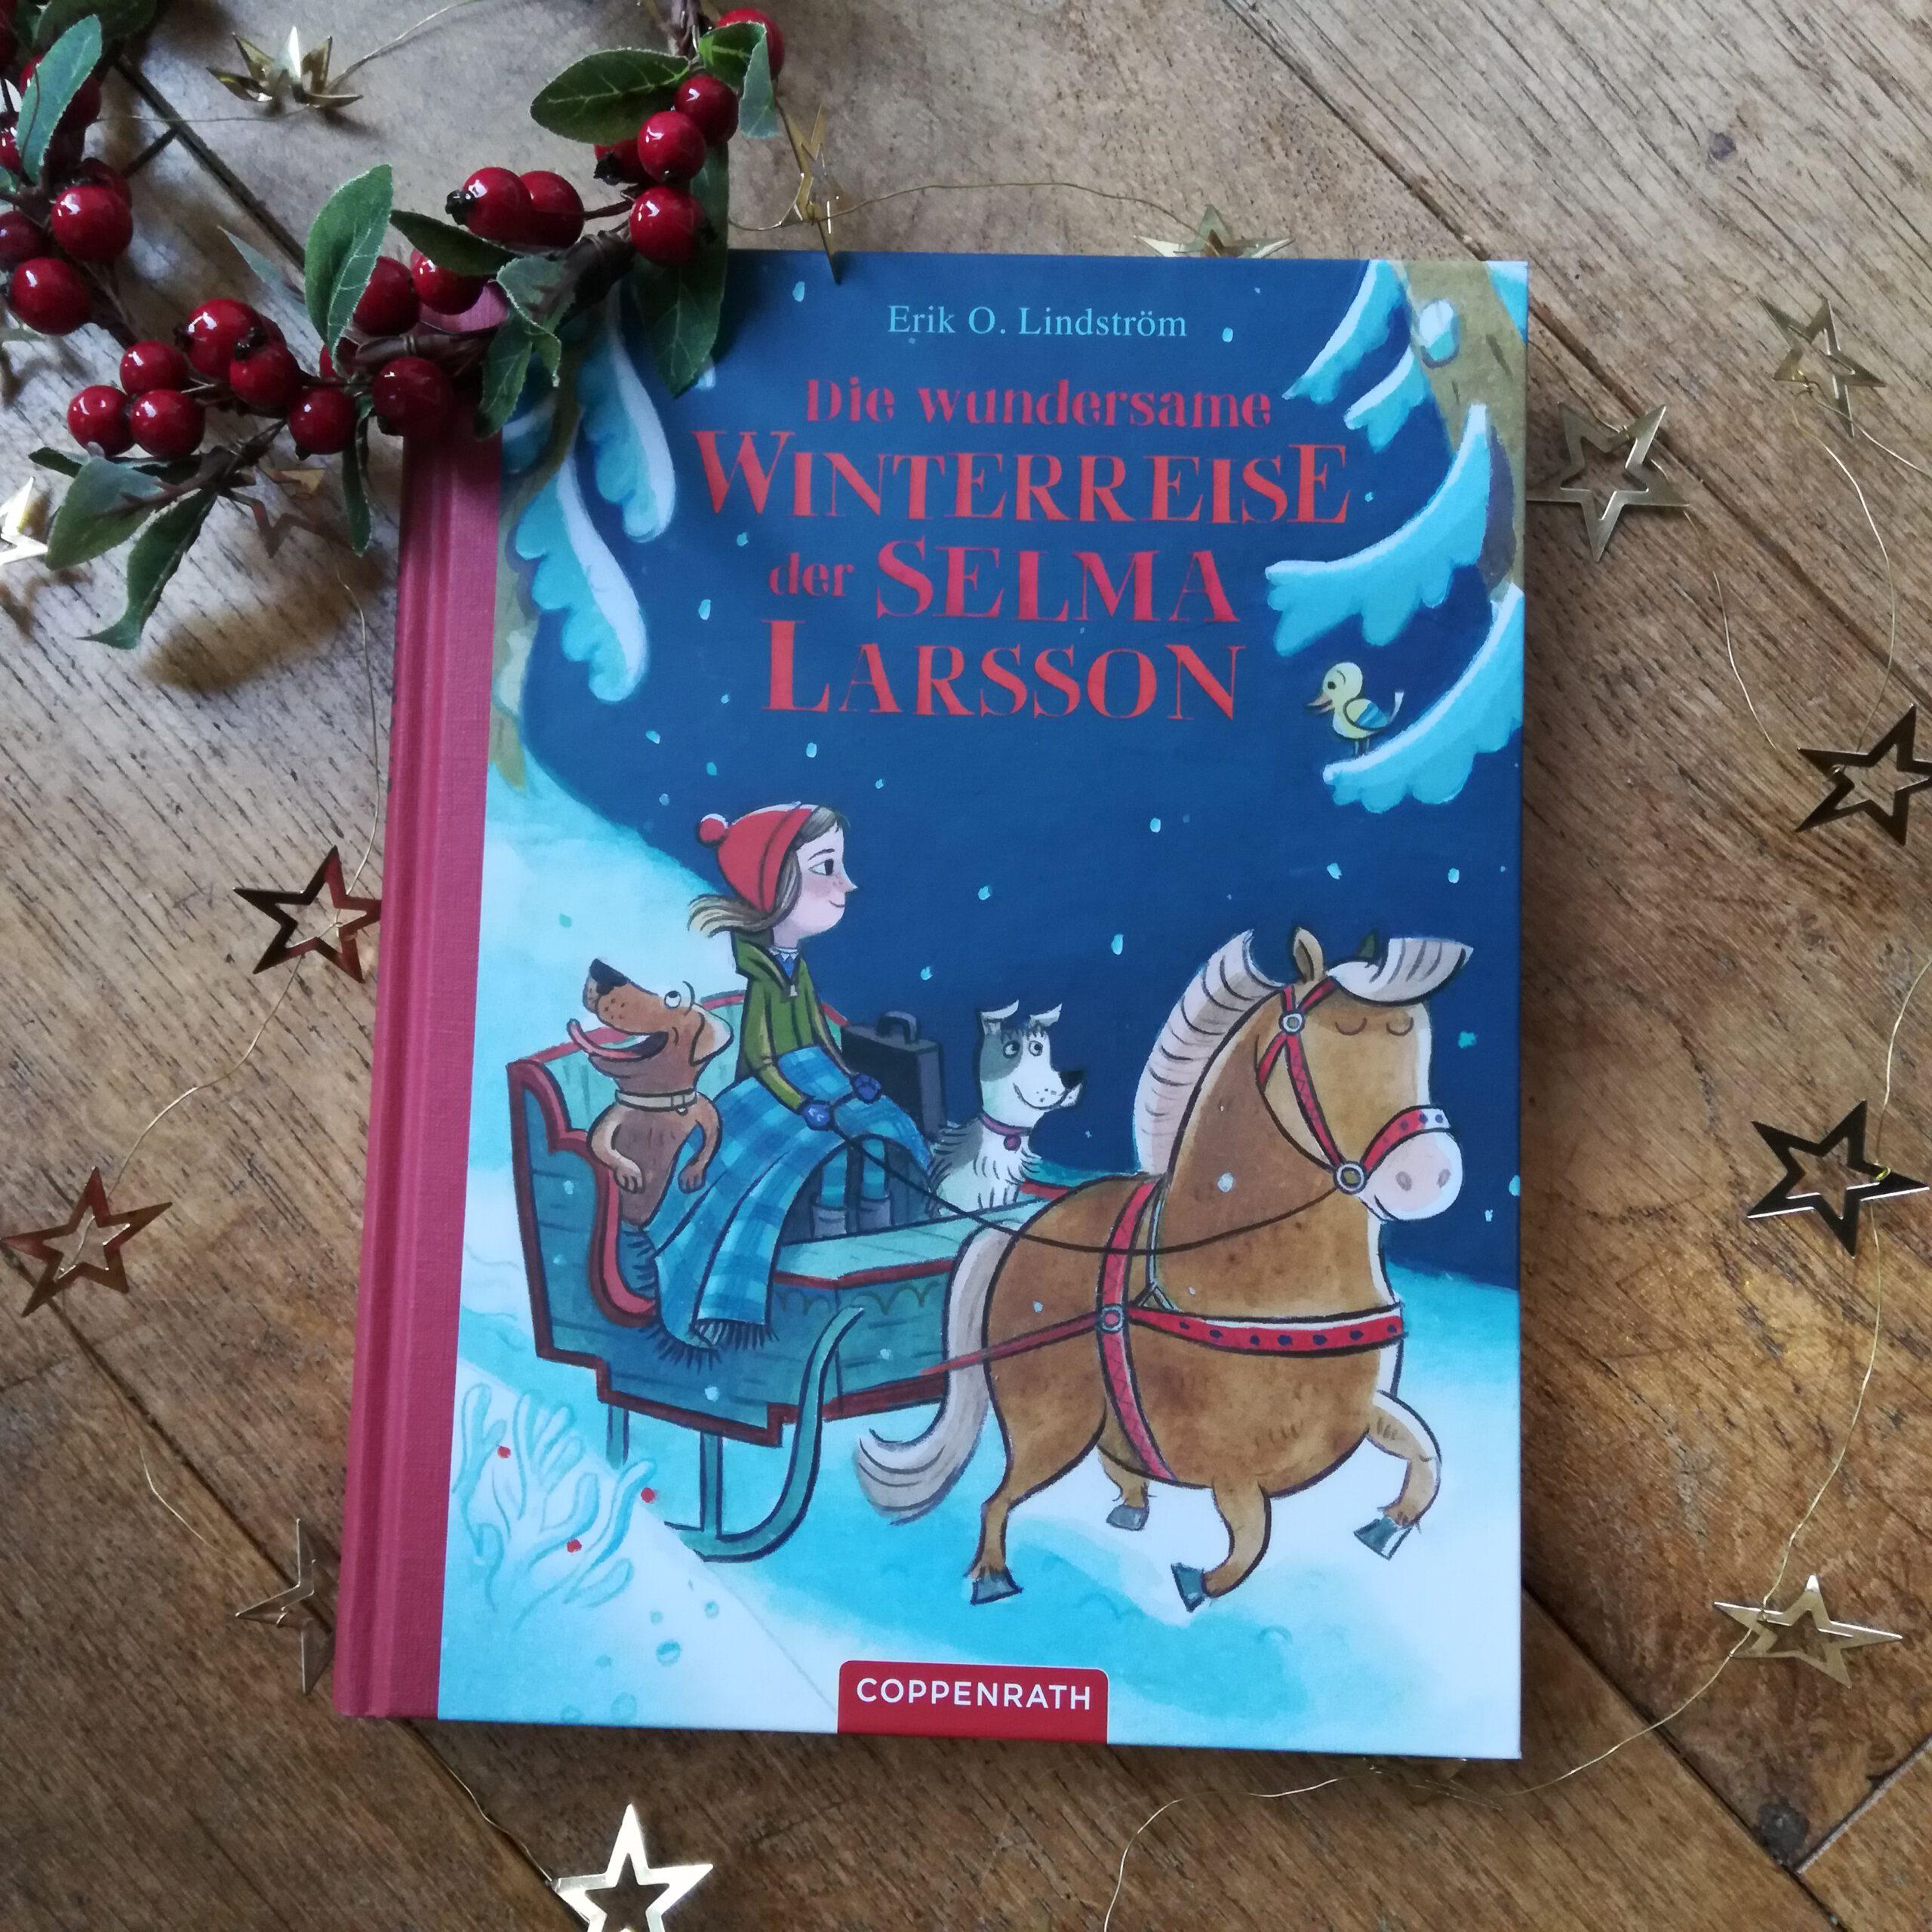 """""""Die wundersame Winterreise der Selma Larsson"""" – Erik O. Lindström"""